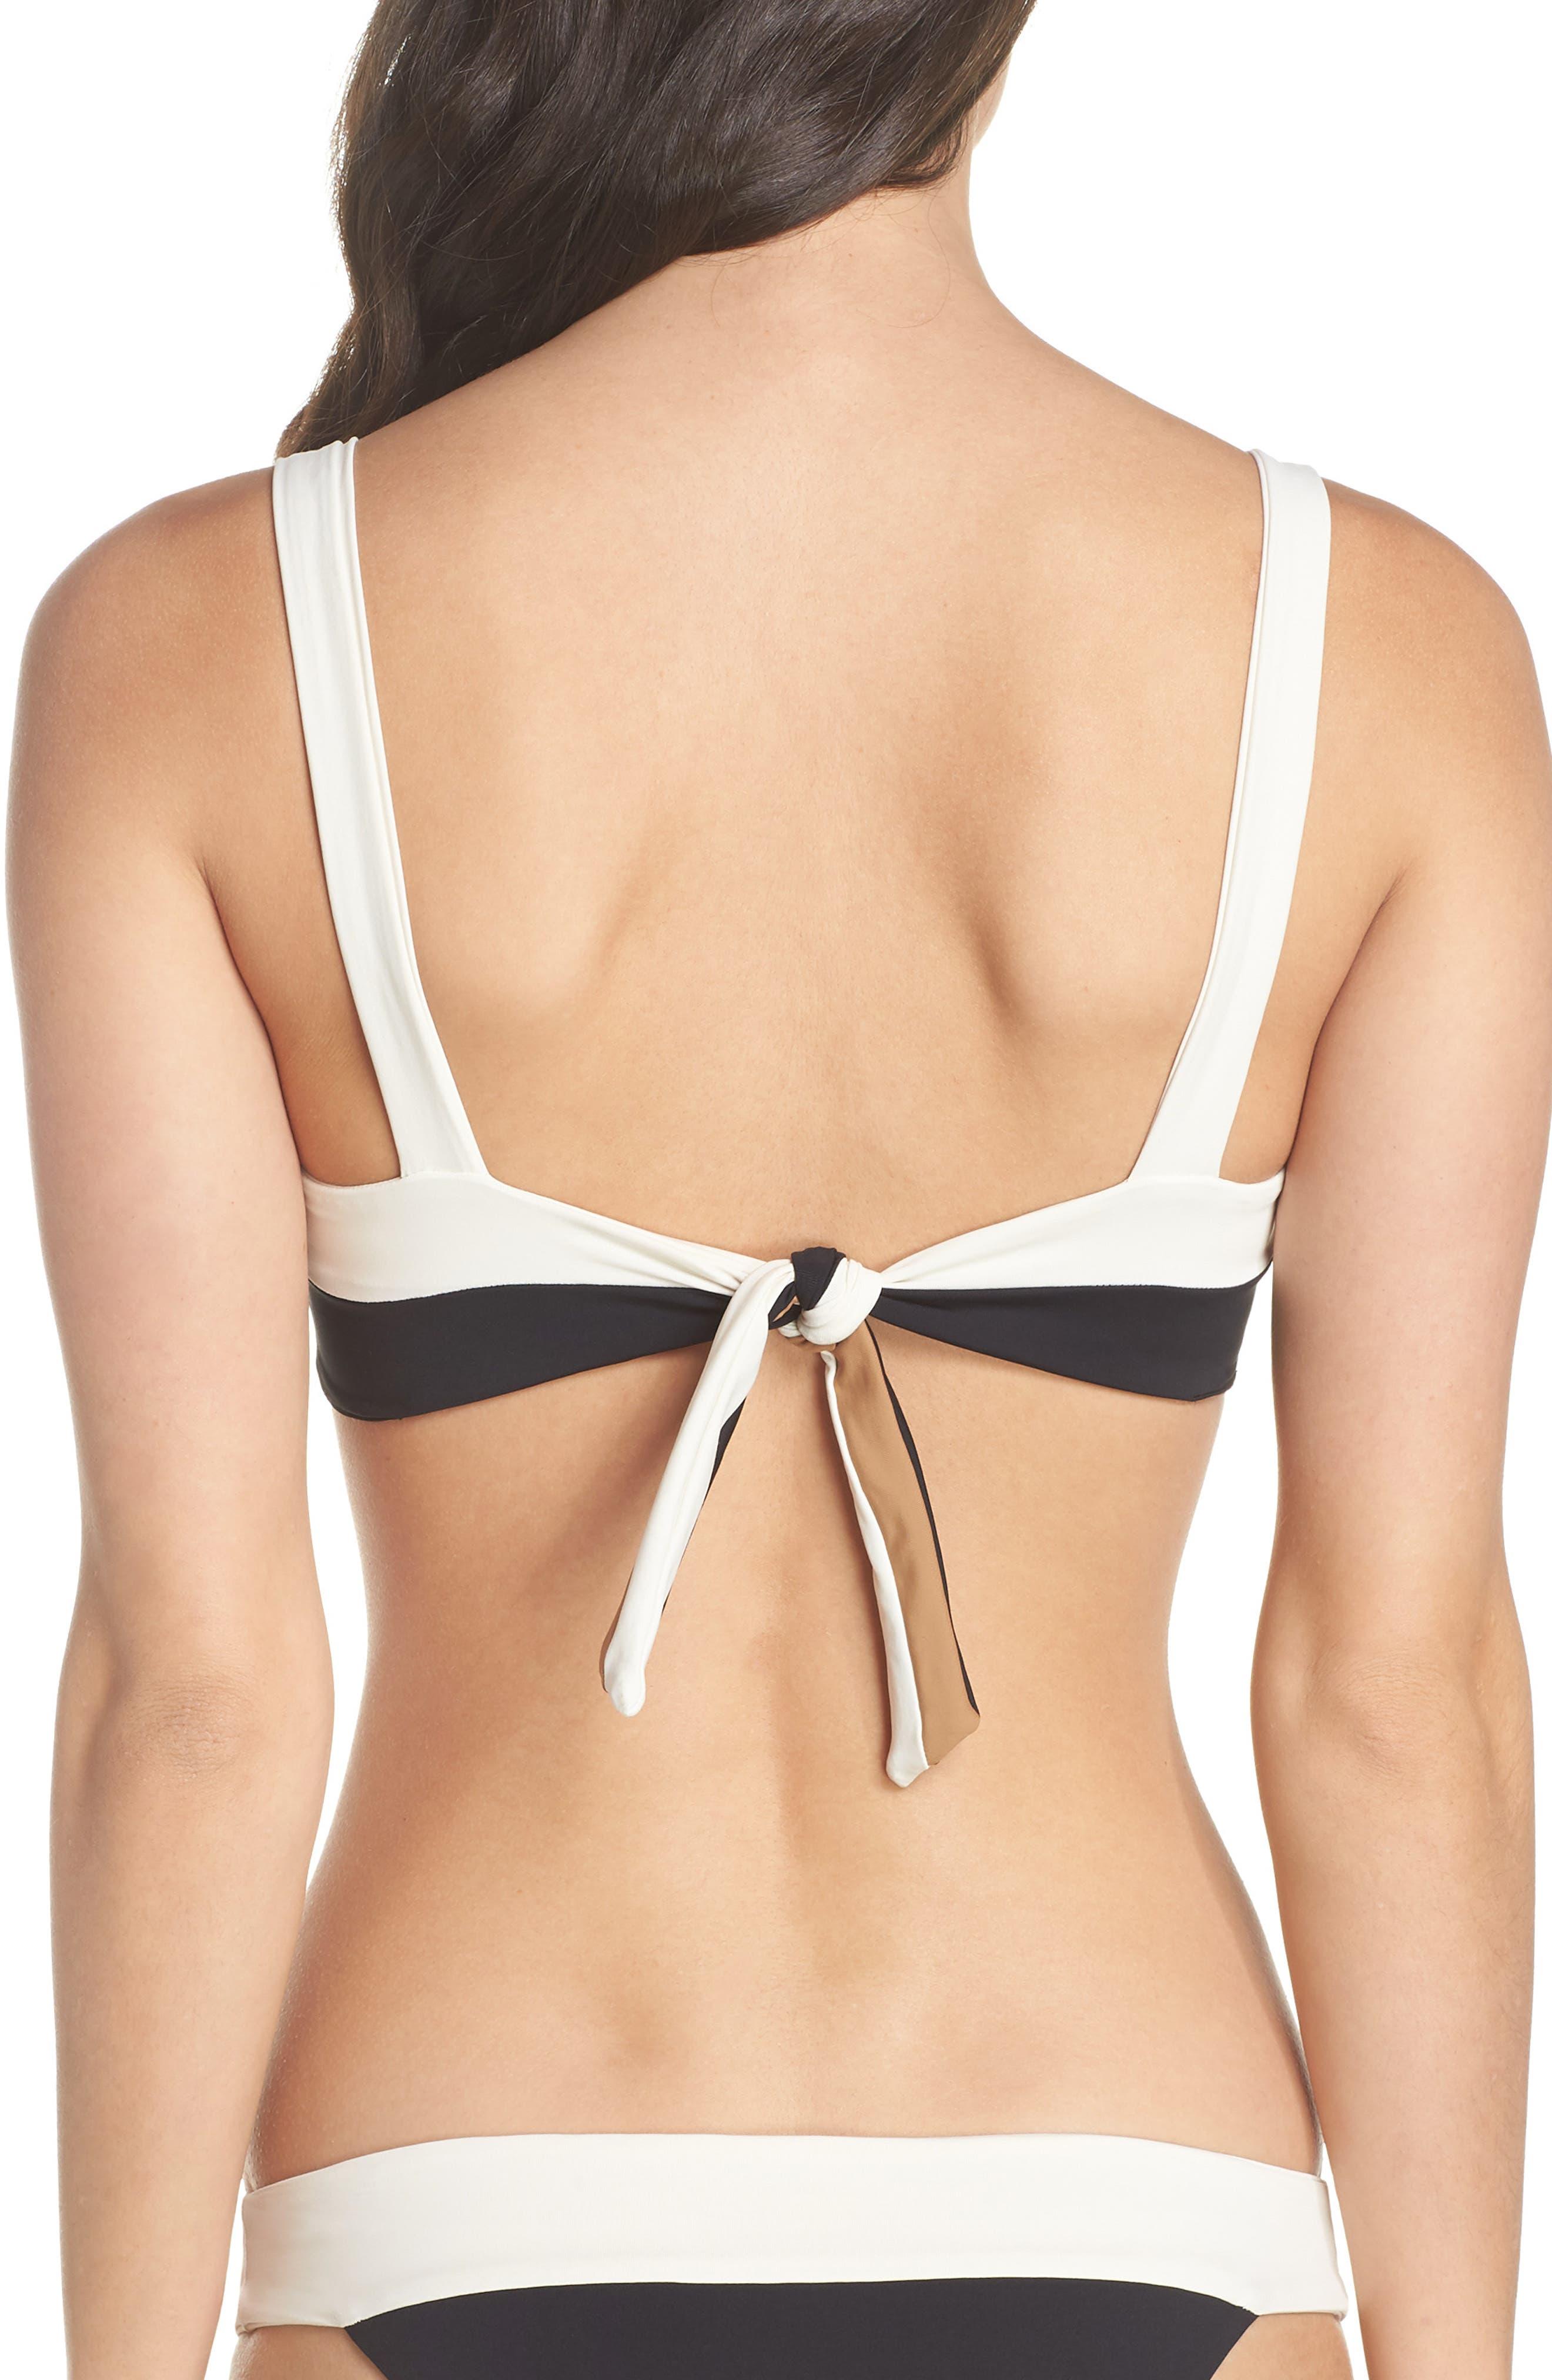 Turlington Reversible Bikini Top,                             Alternate thumbnail 2, color,                             CREAM/ BLACK/ CAMEL